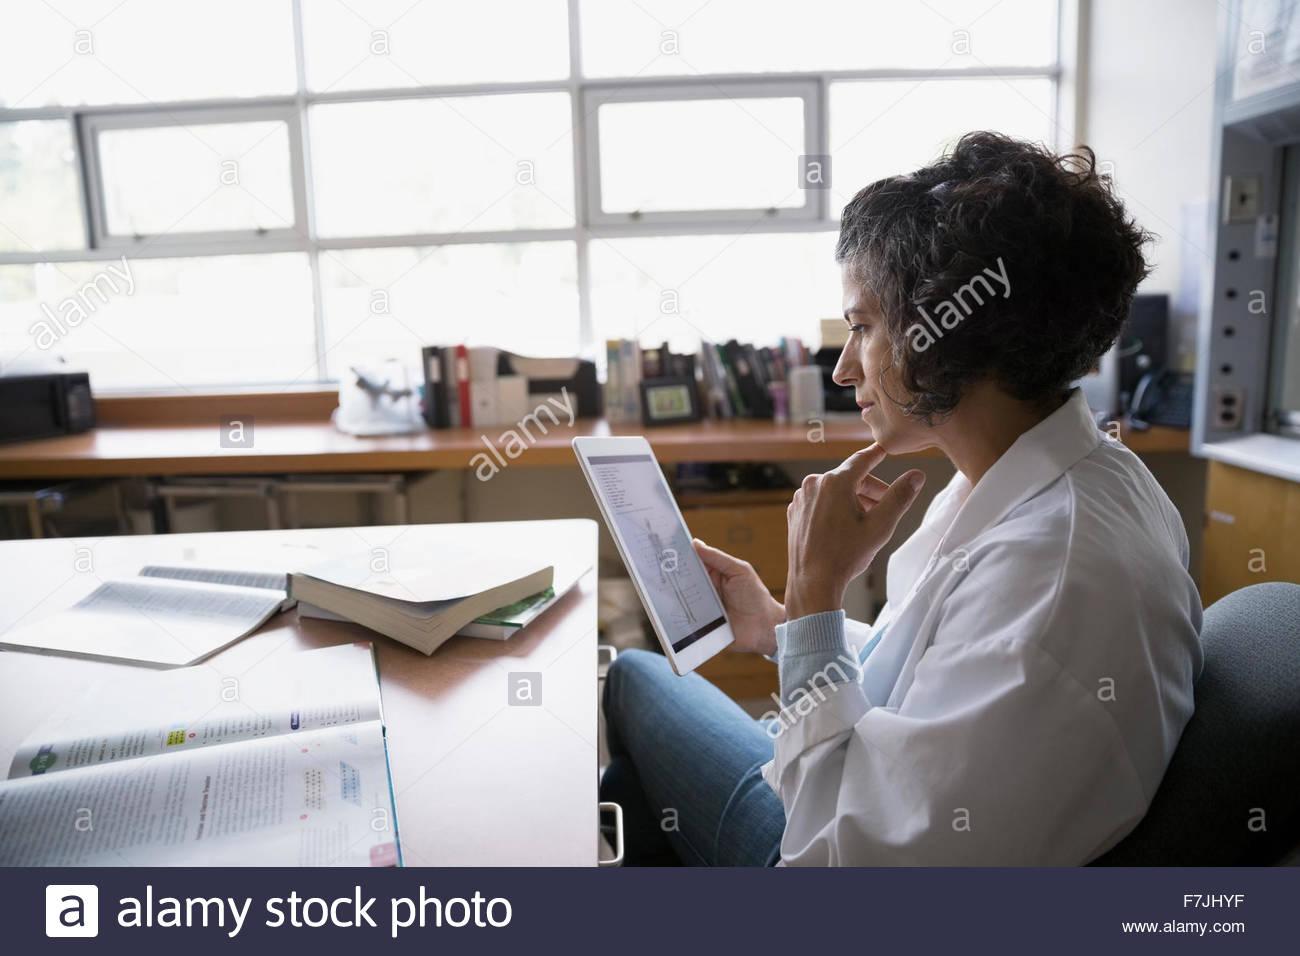 Insegnante focalizzata usando tavoletta digitale alla scrivania Immagini Stock